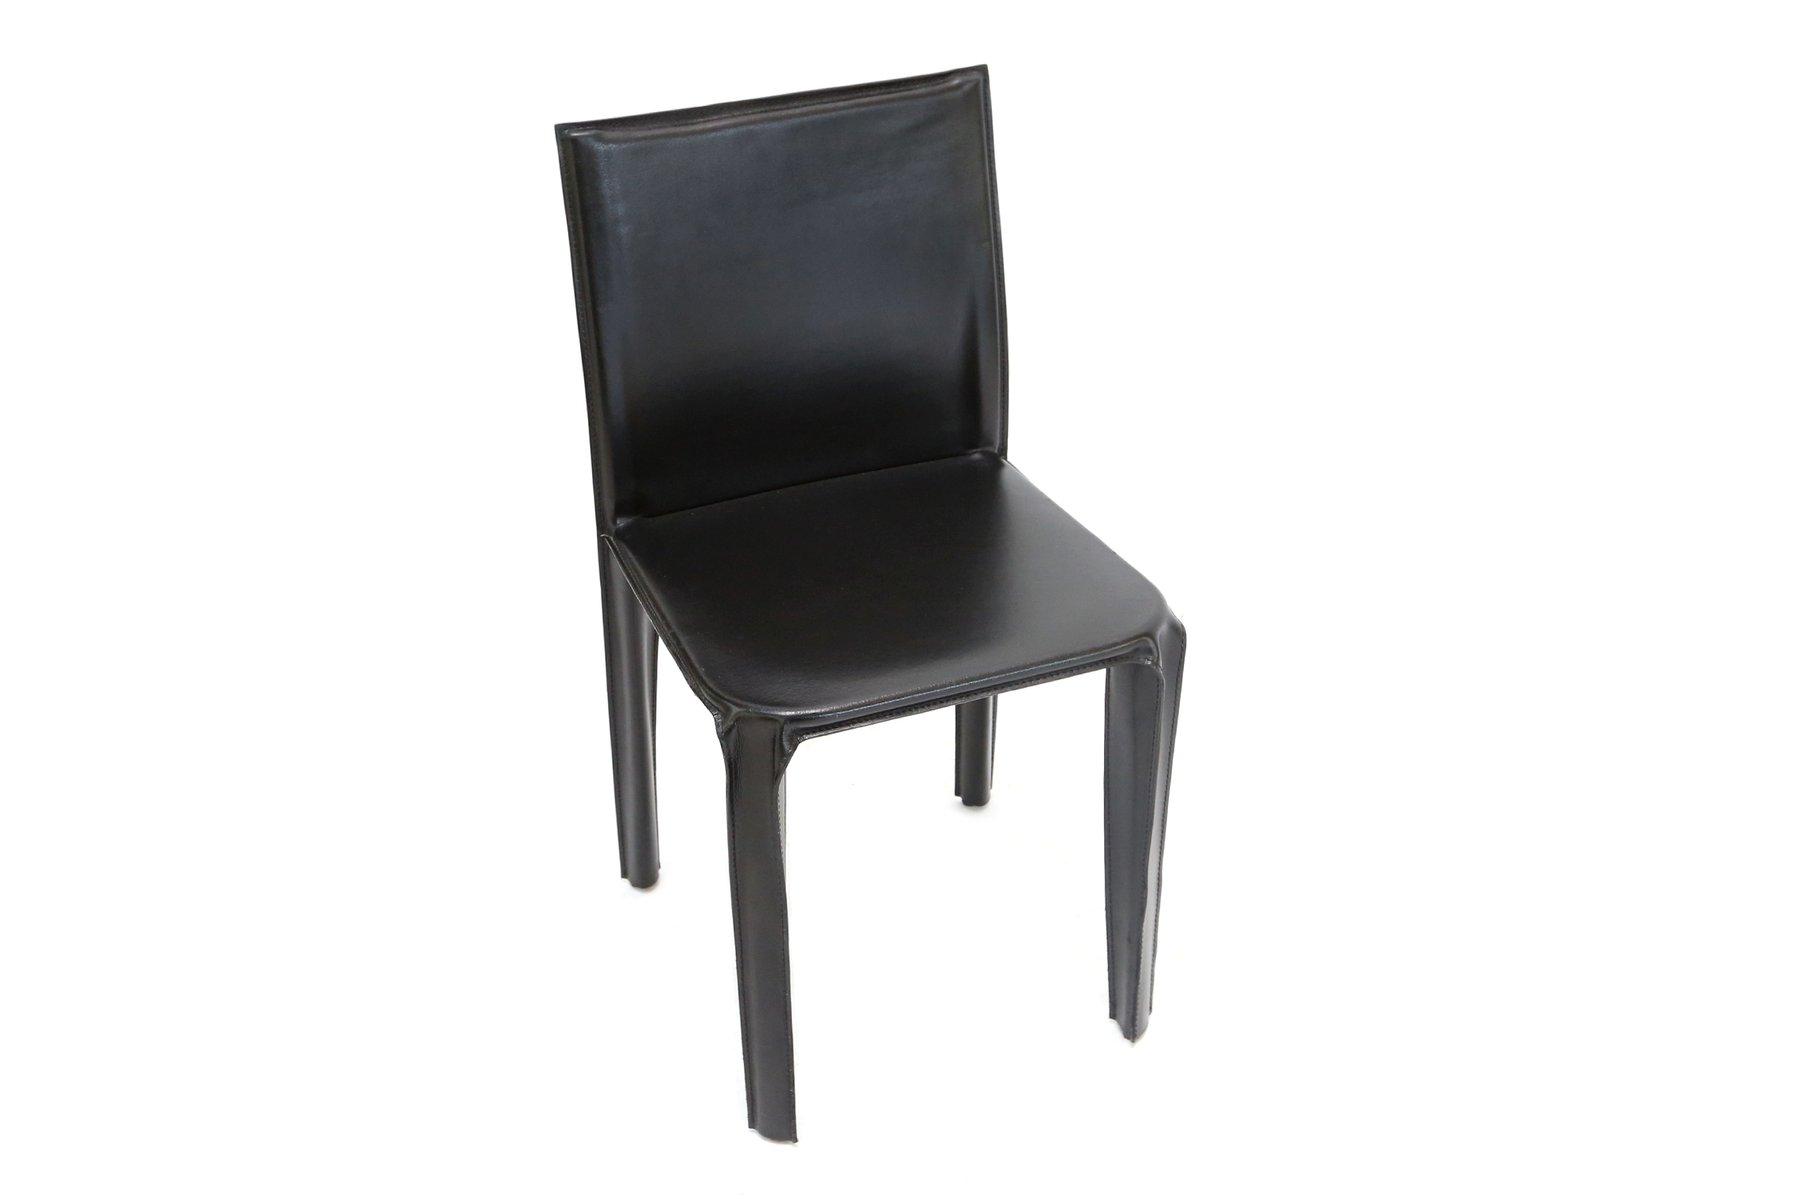 esszimmerst hle aus schwarzem leder von arper 1970er 6er set bei pamono kaufen. Black Bedroom Furniture Sets. Home Design Ideas